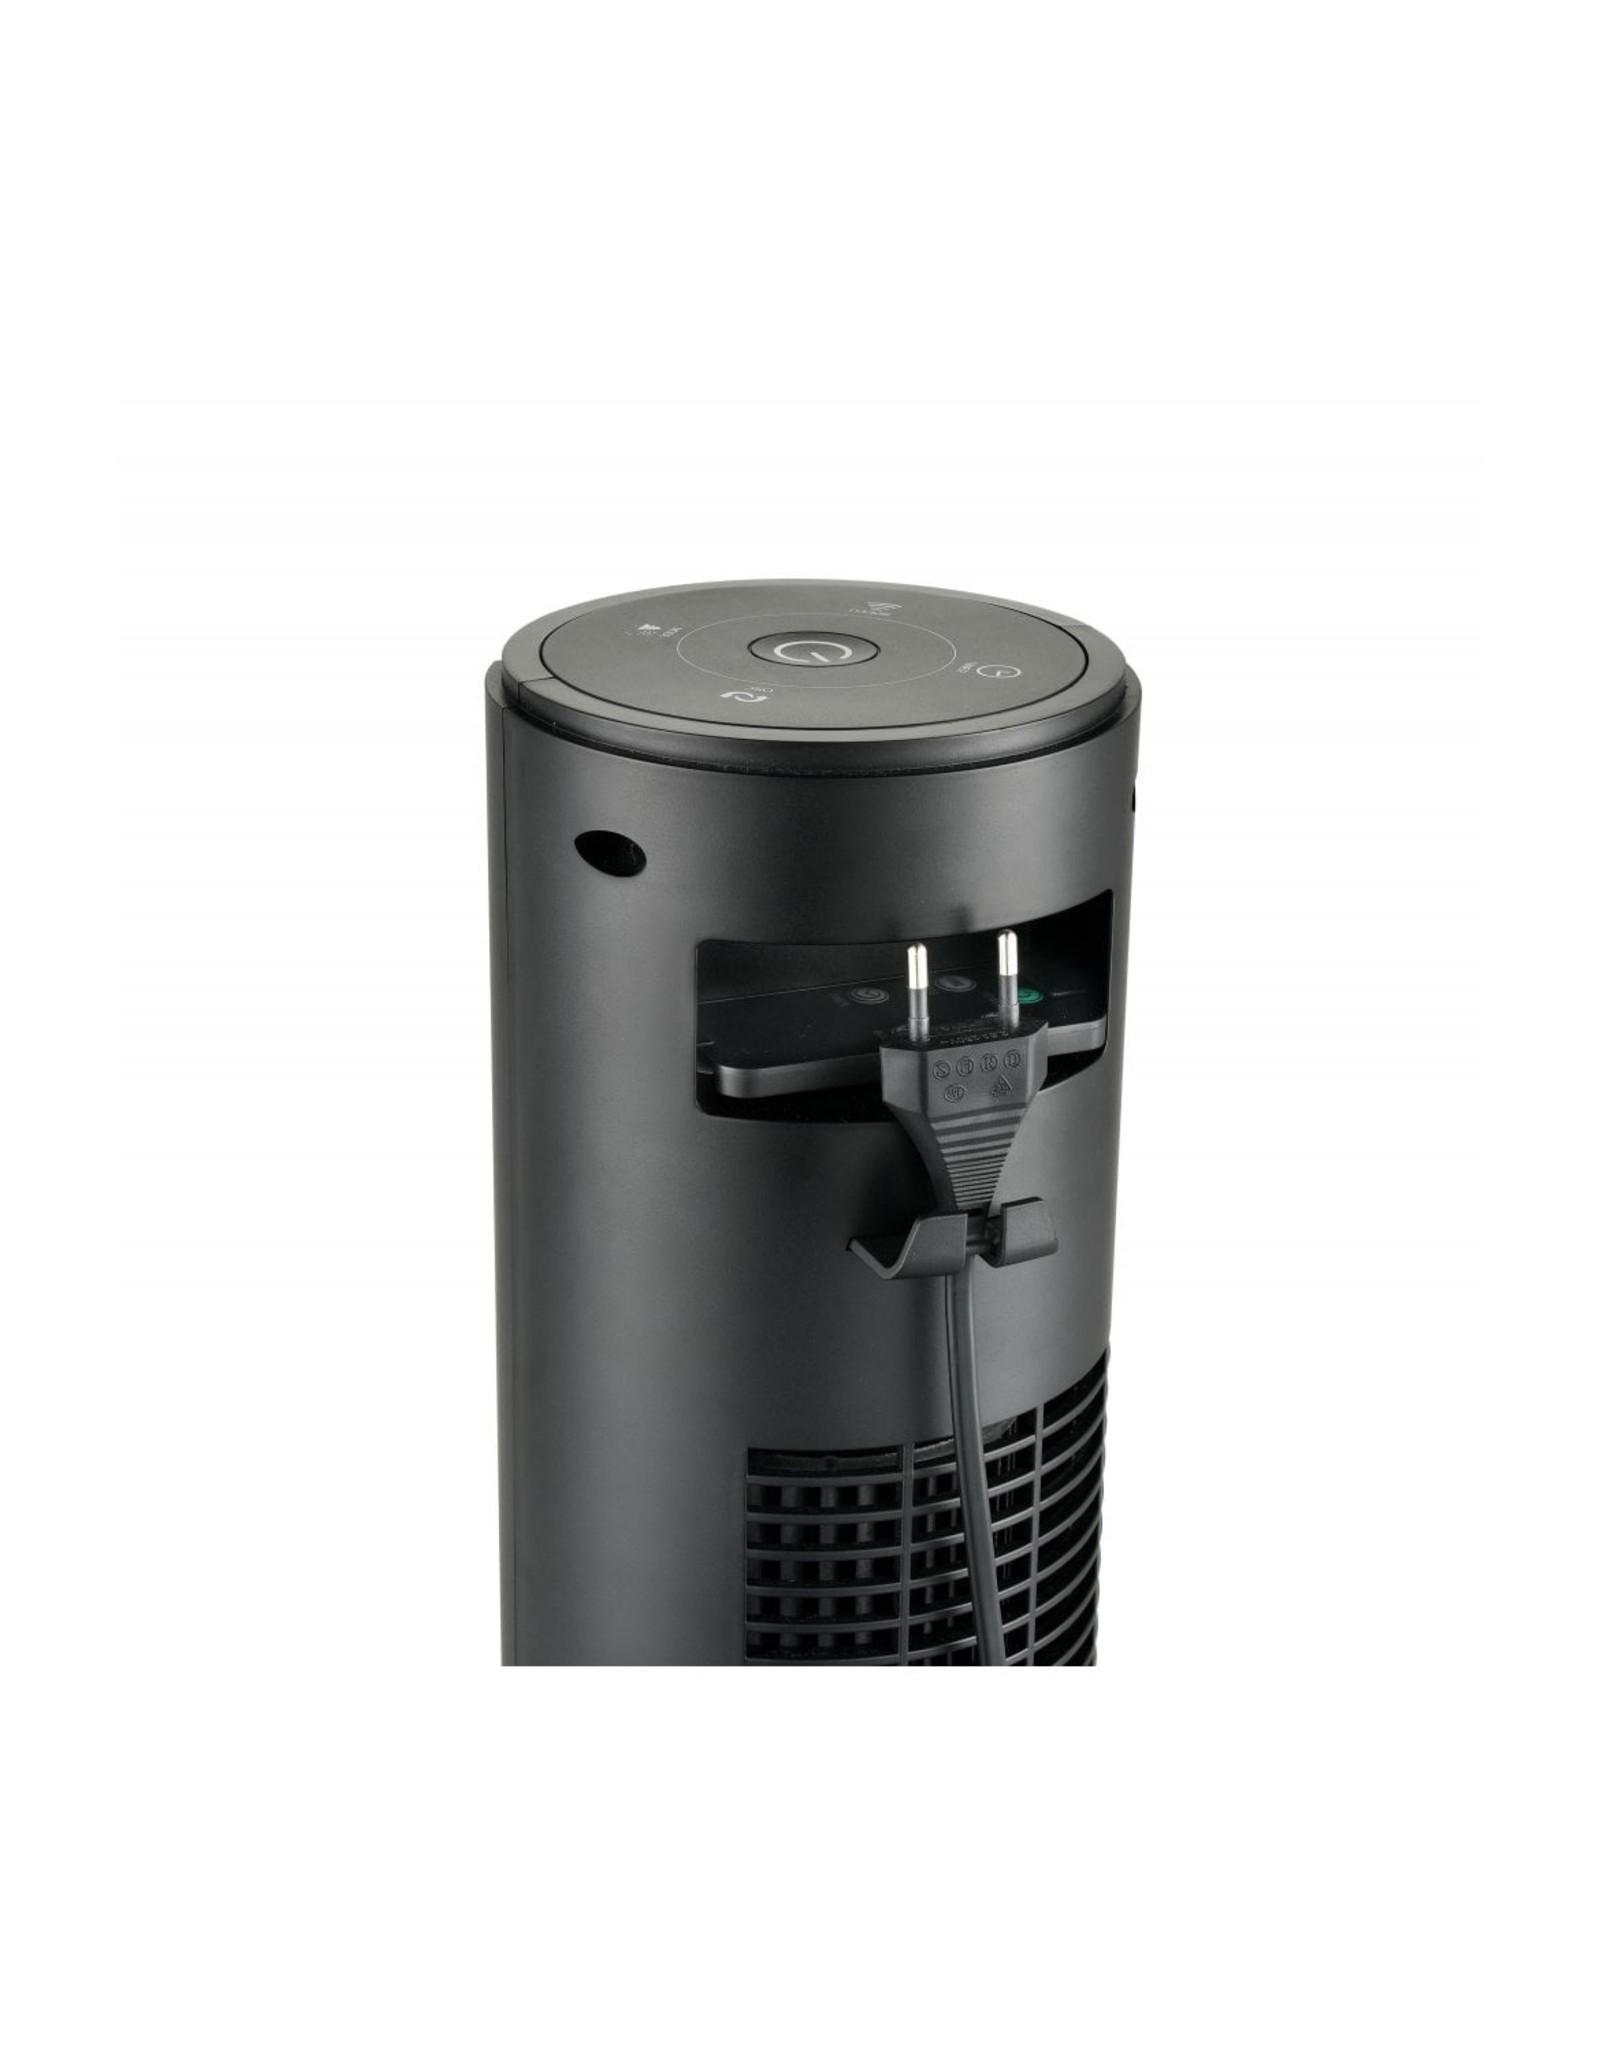 Woox Home Smart WiFi Tower Fan   R6084